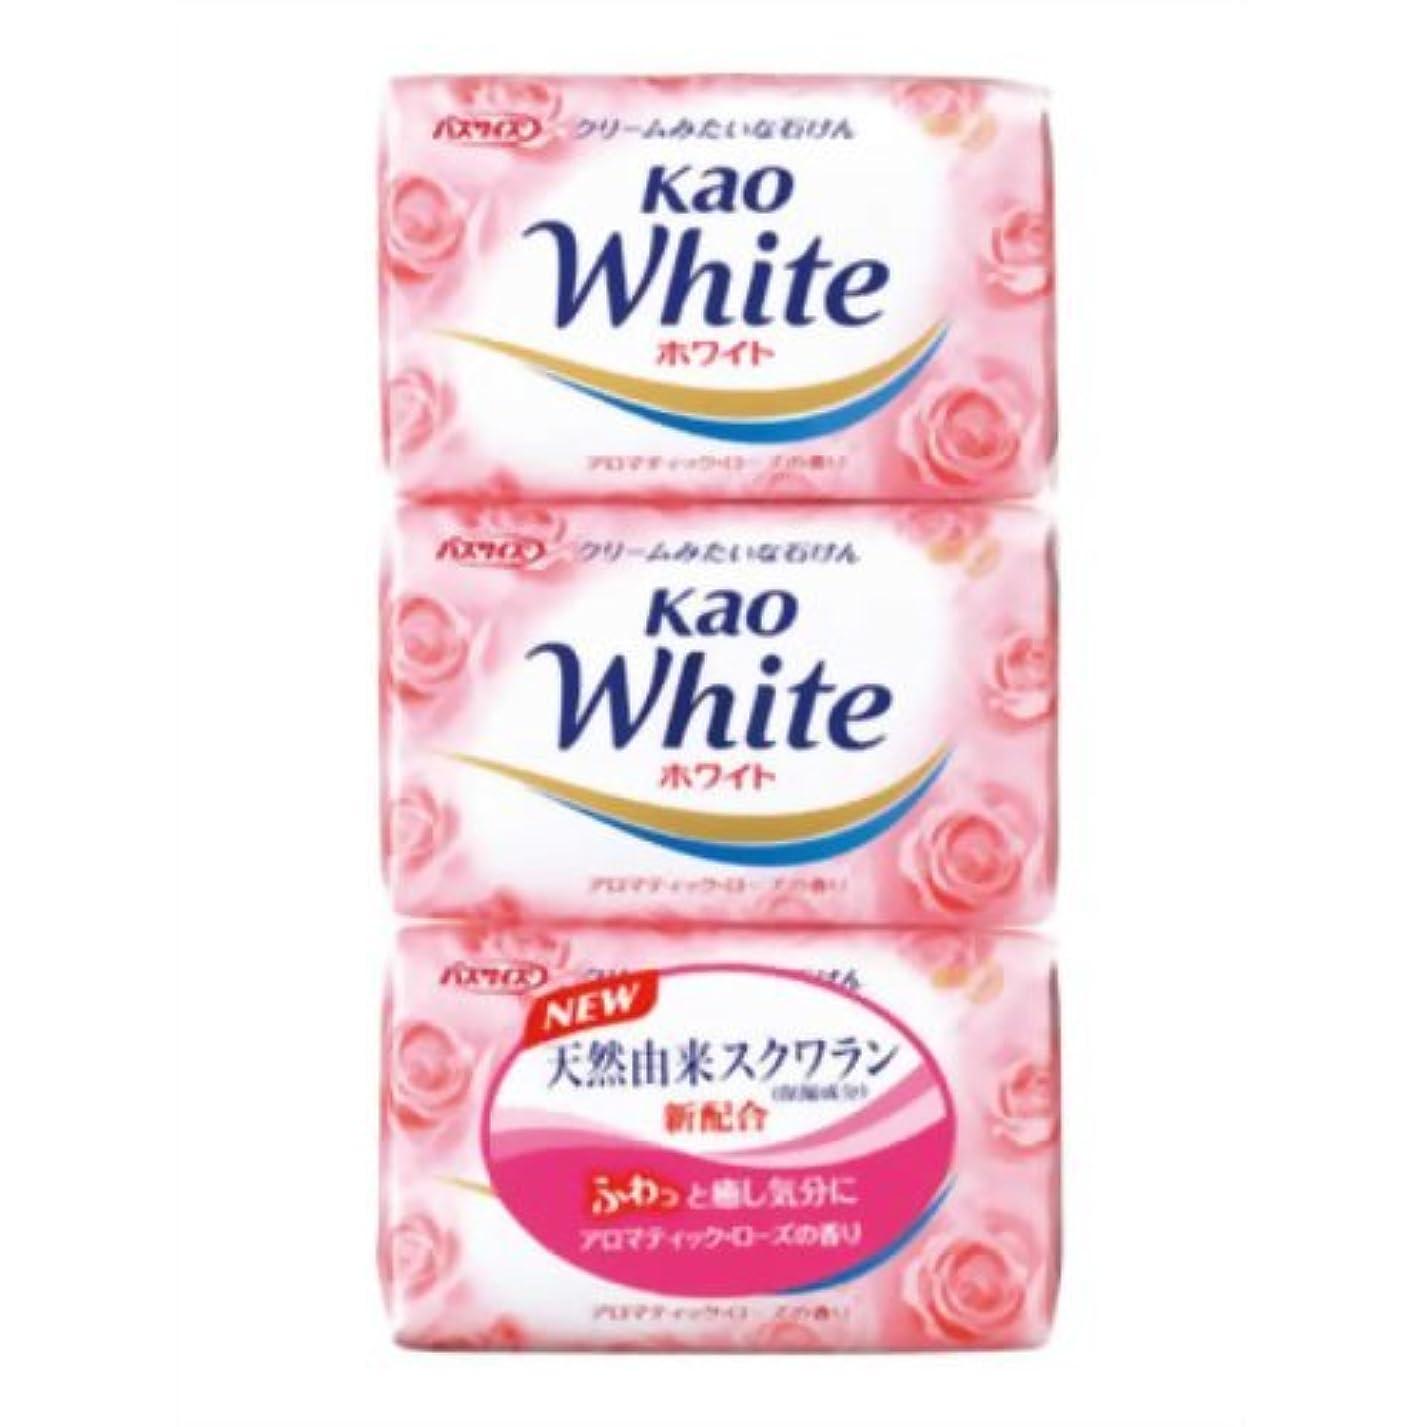 しゃがむスキップ陰気花王ホワイト アロマティックローズの香り バスサイズ 130g*3個入